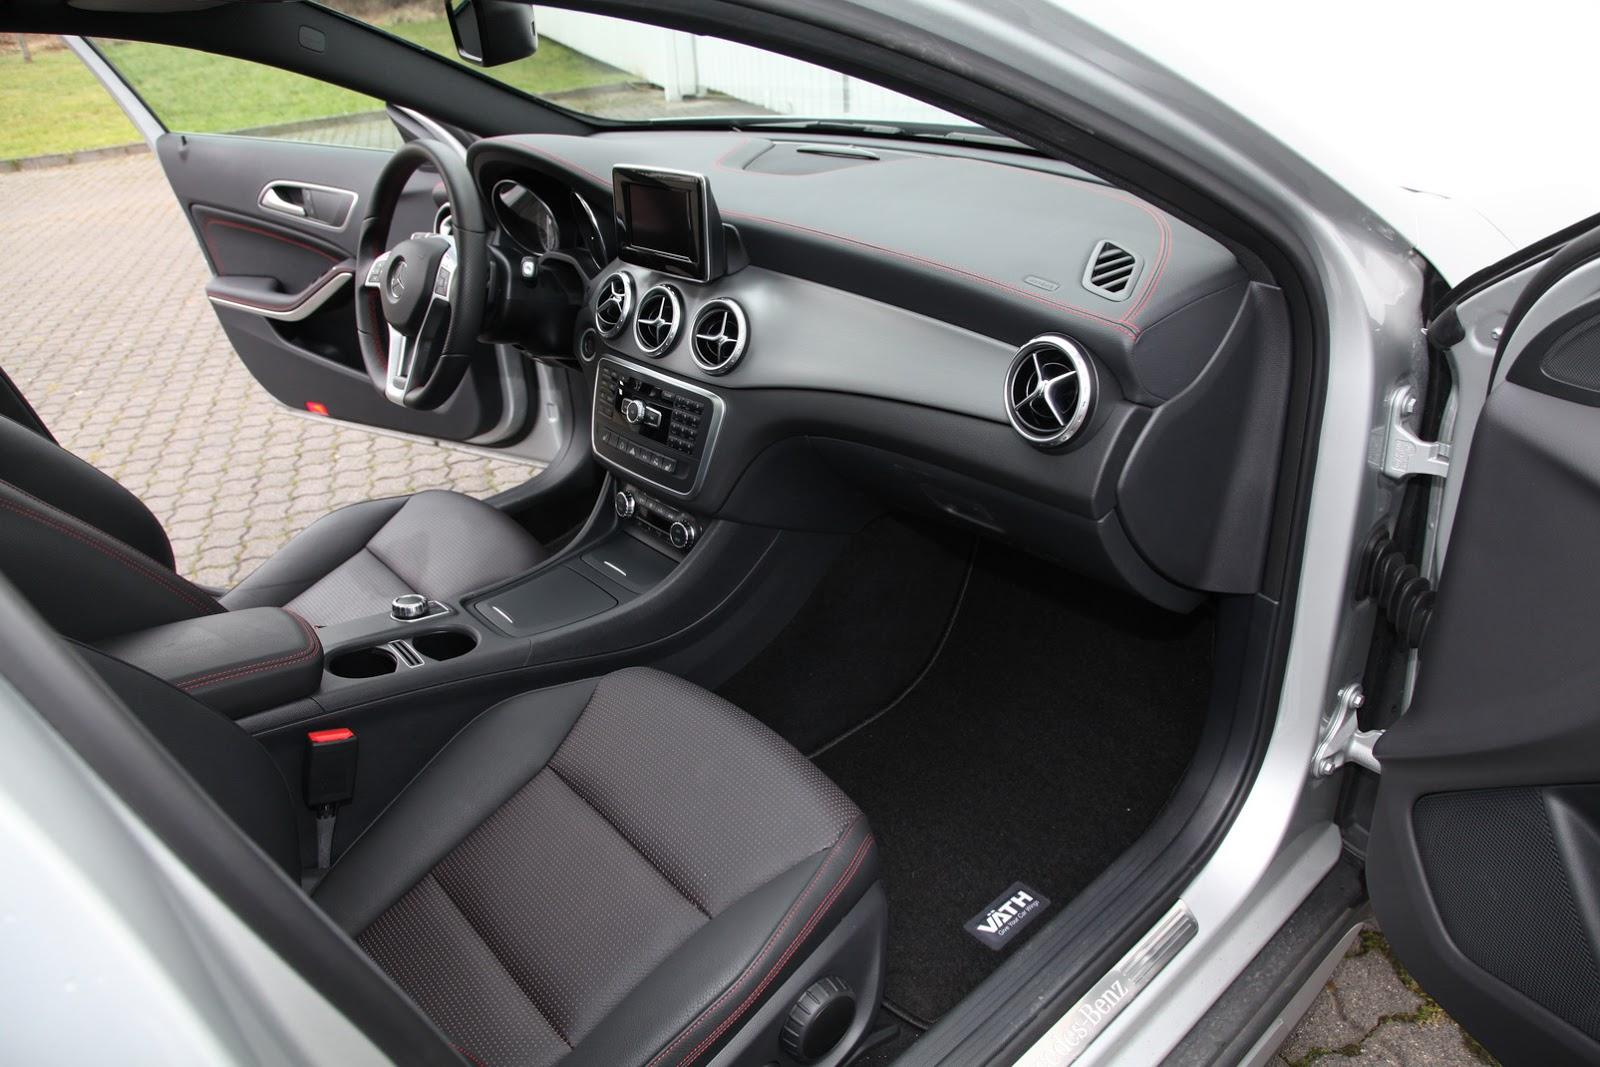 Väth Mercedes GLA 200: El chispazo adicional que estabas esperando 1